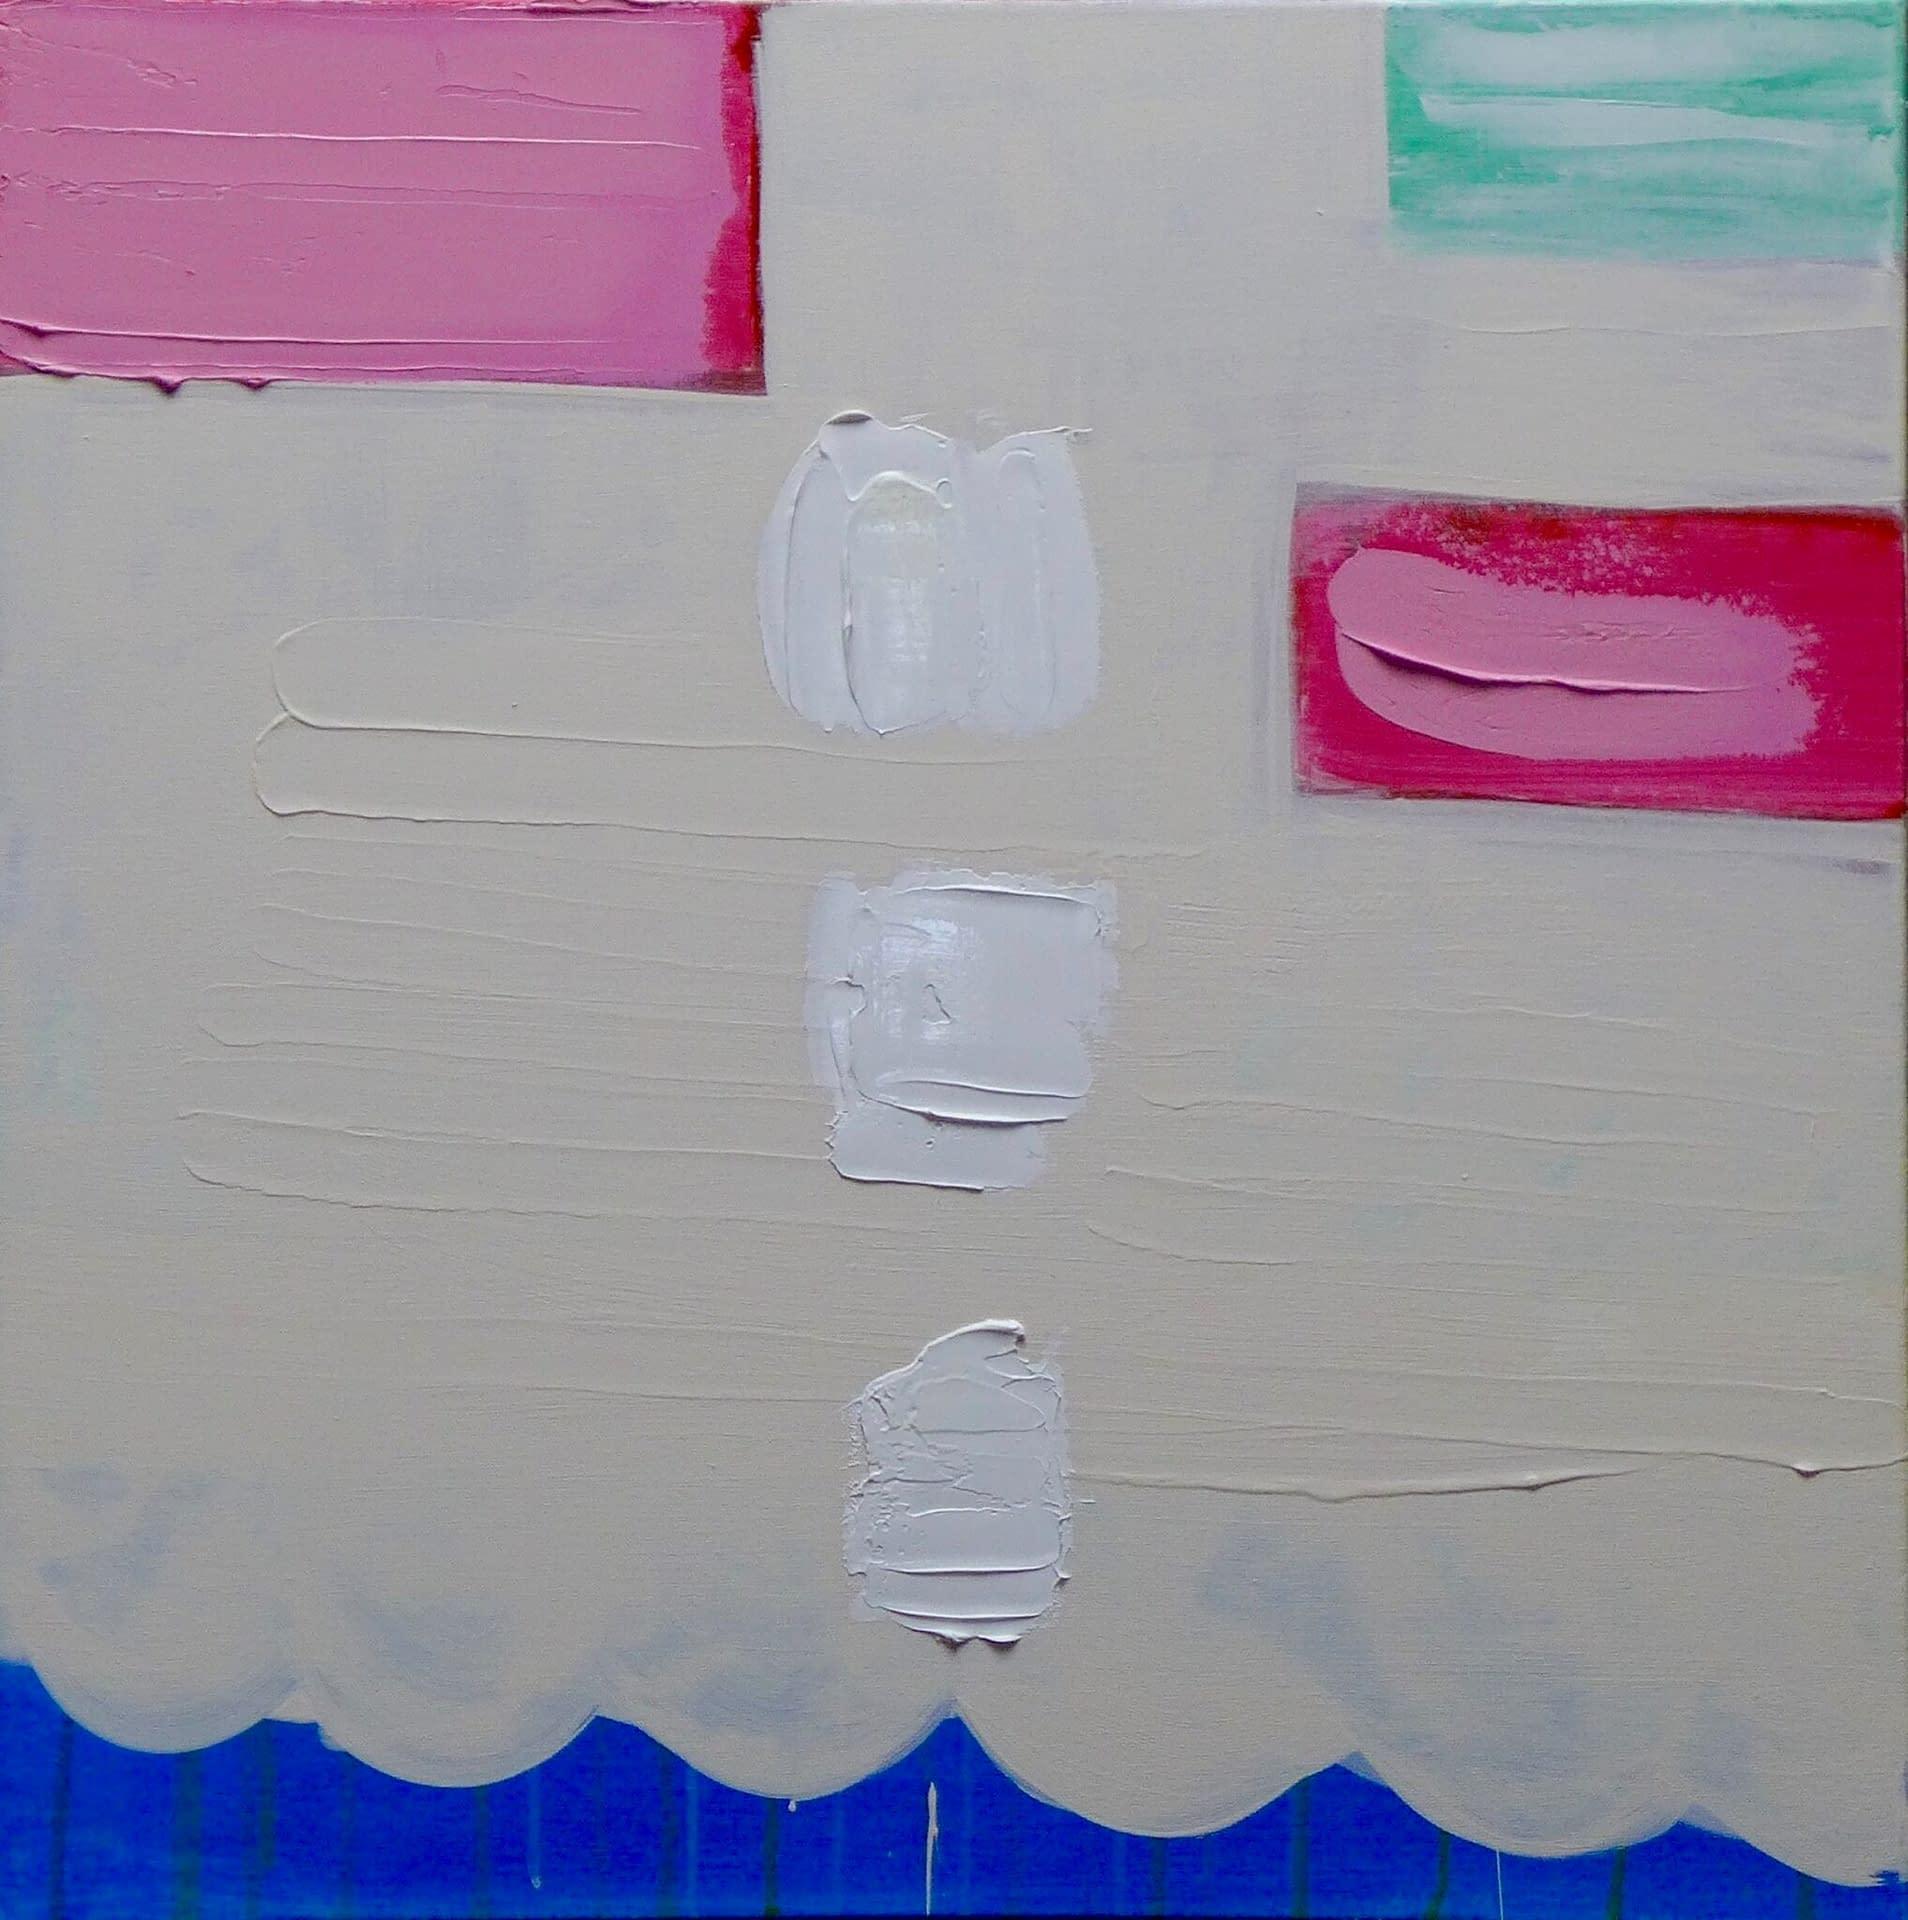 4. Spanish Face 24x24 oil on canvas